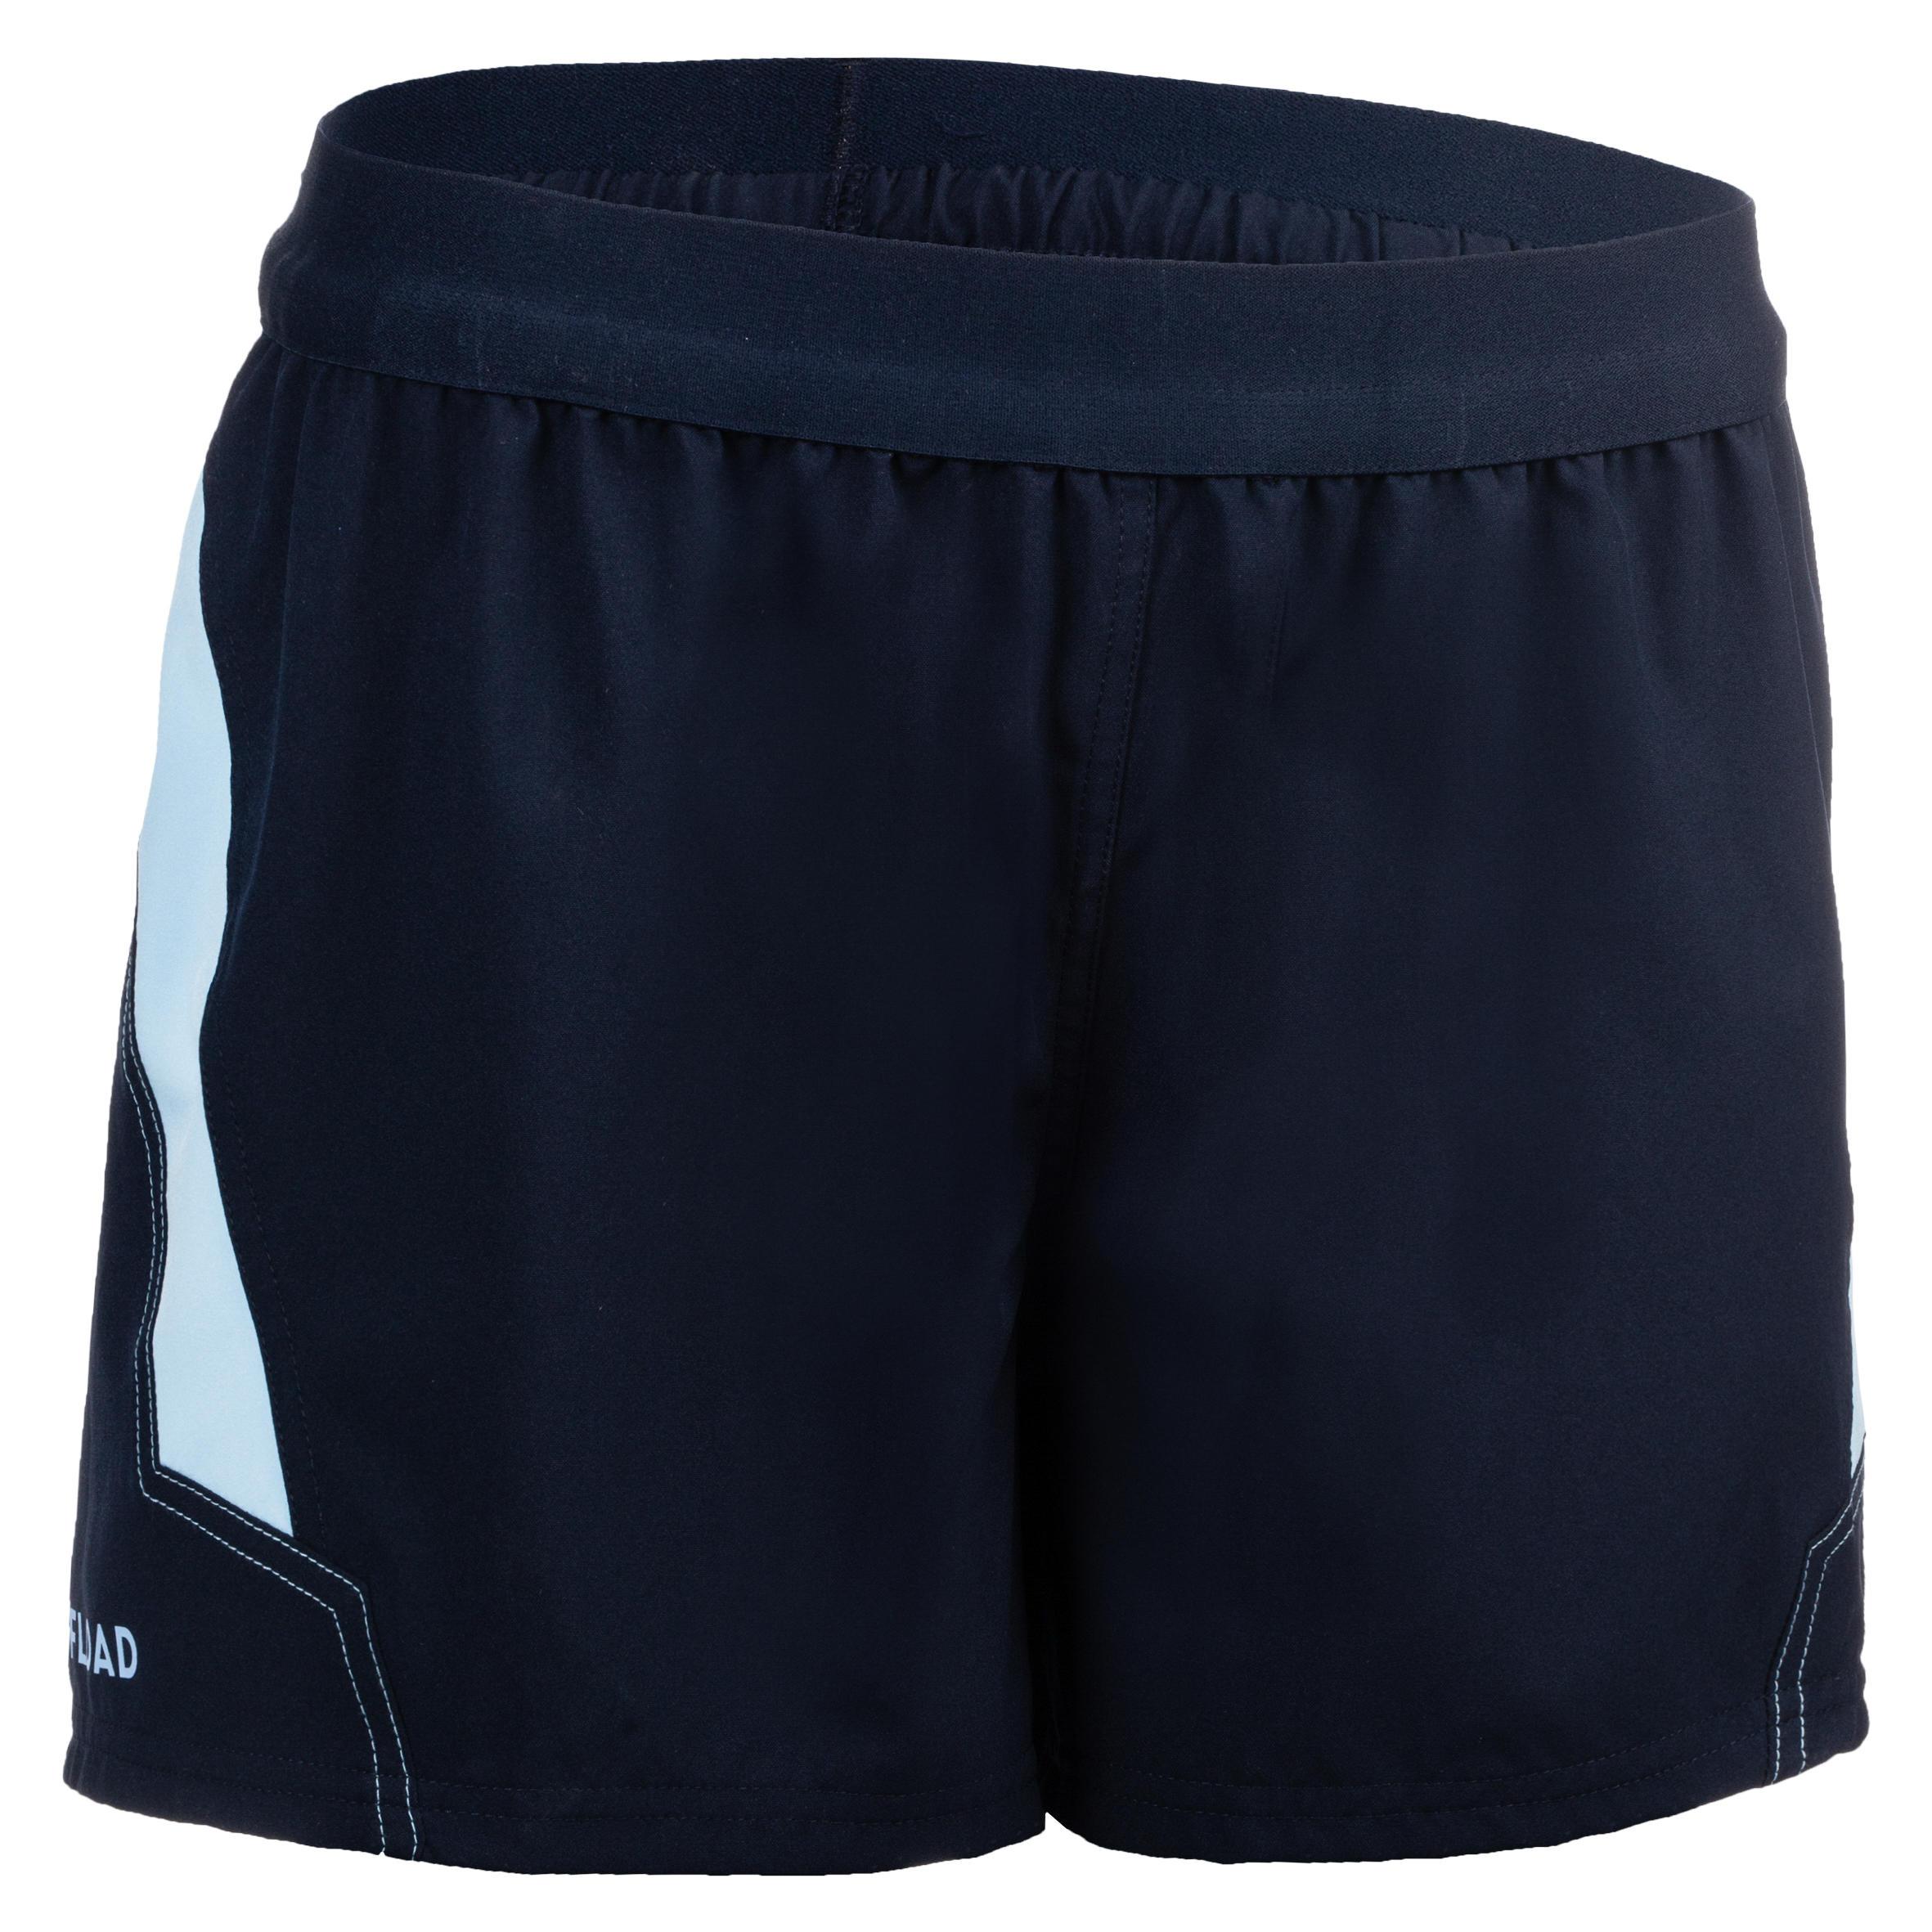 Sportieve Korte Broek Dames.Shorts Voor Dames Decathlon